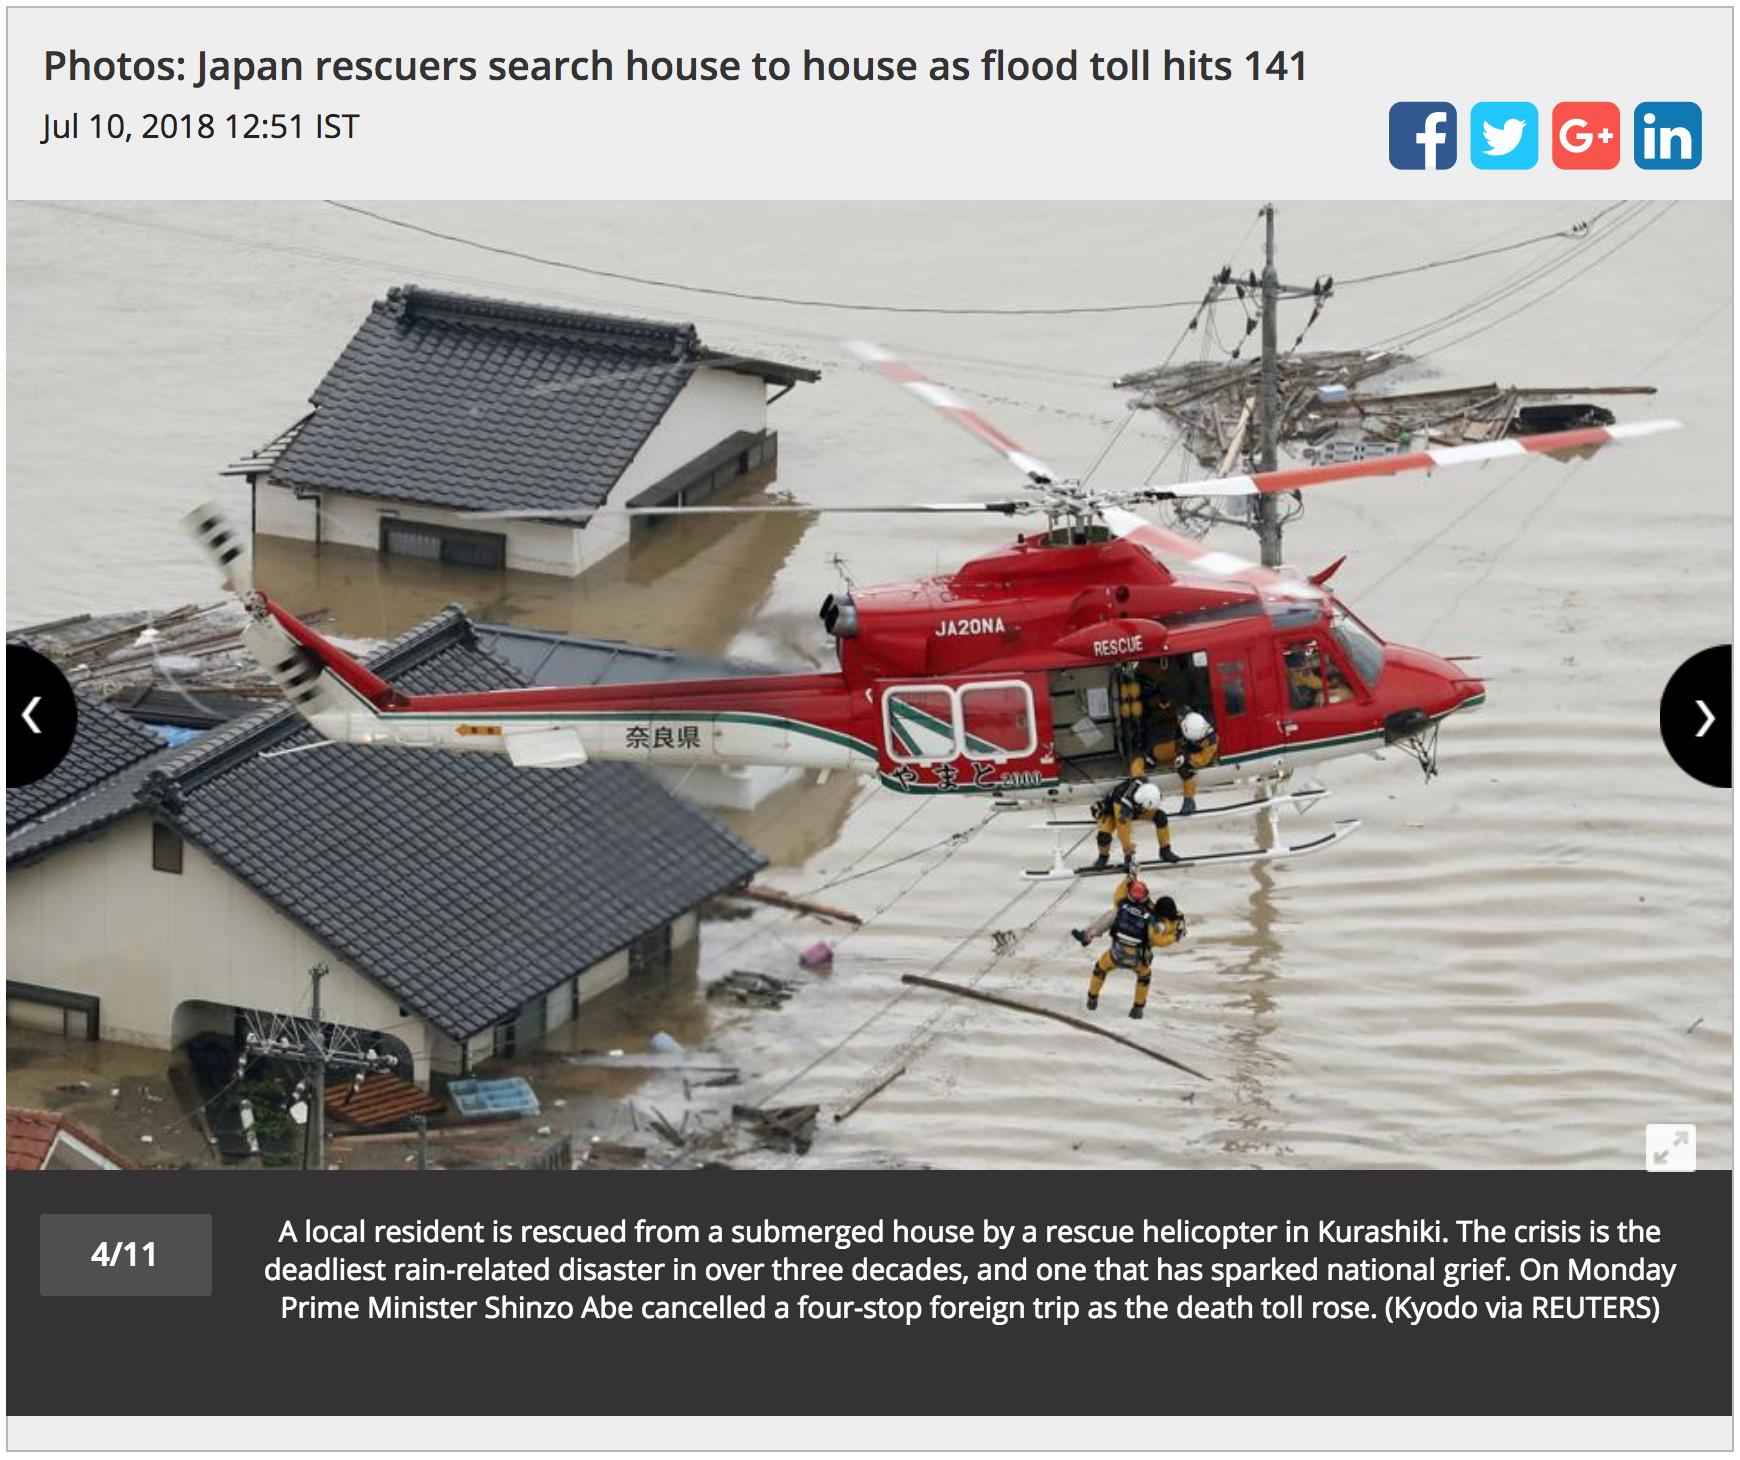 Unit A6: Japanese Flood -